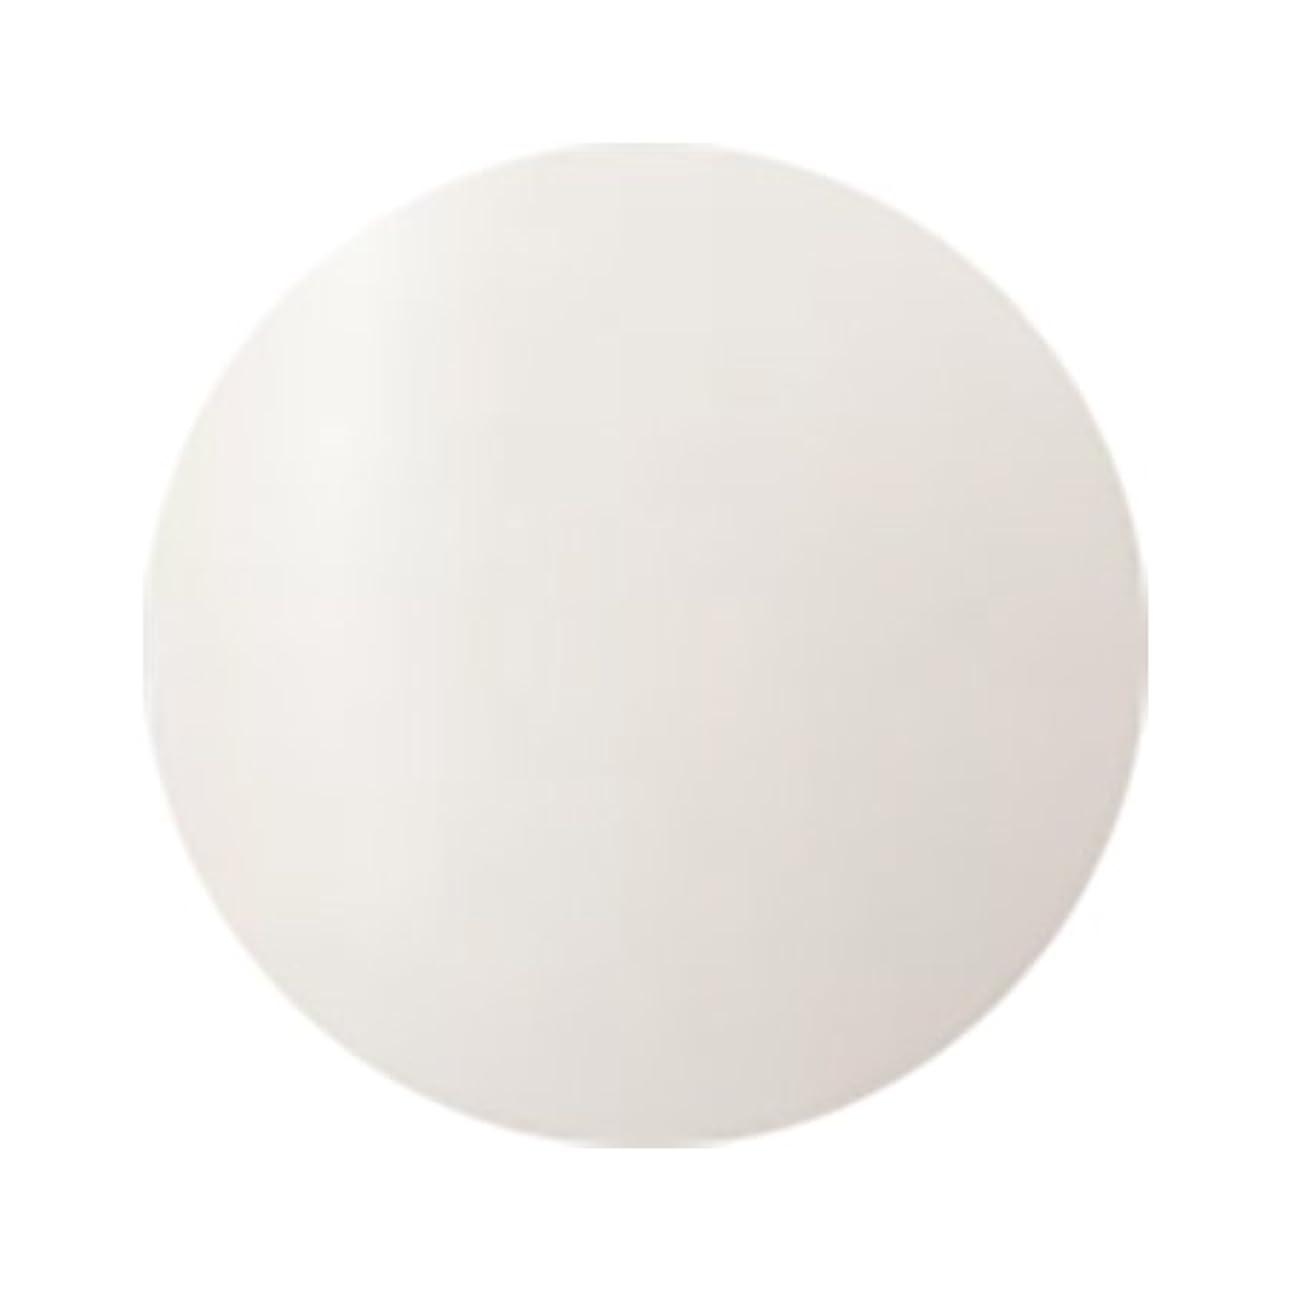 ファントム悪性腫瘍密輸カルジェル CGWH05 カラージェル クラシックホワイト 4g